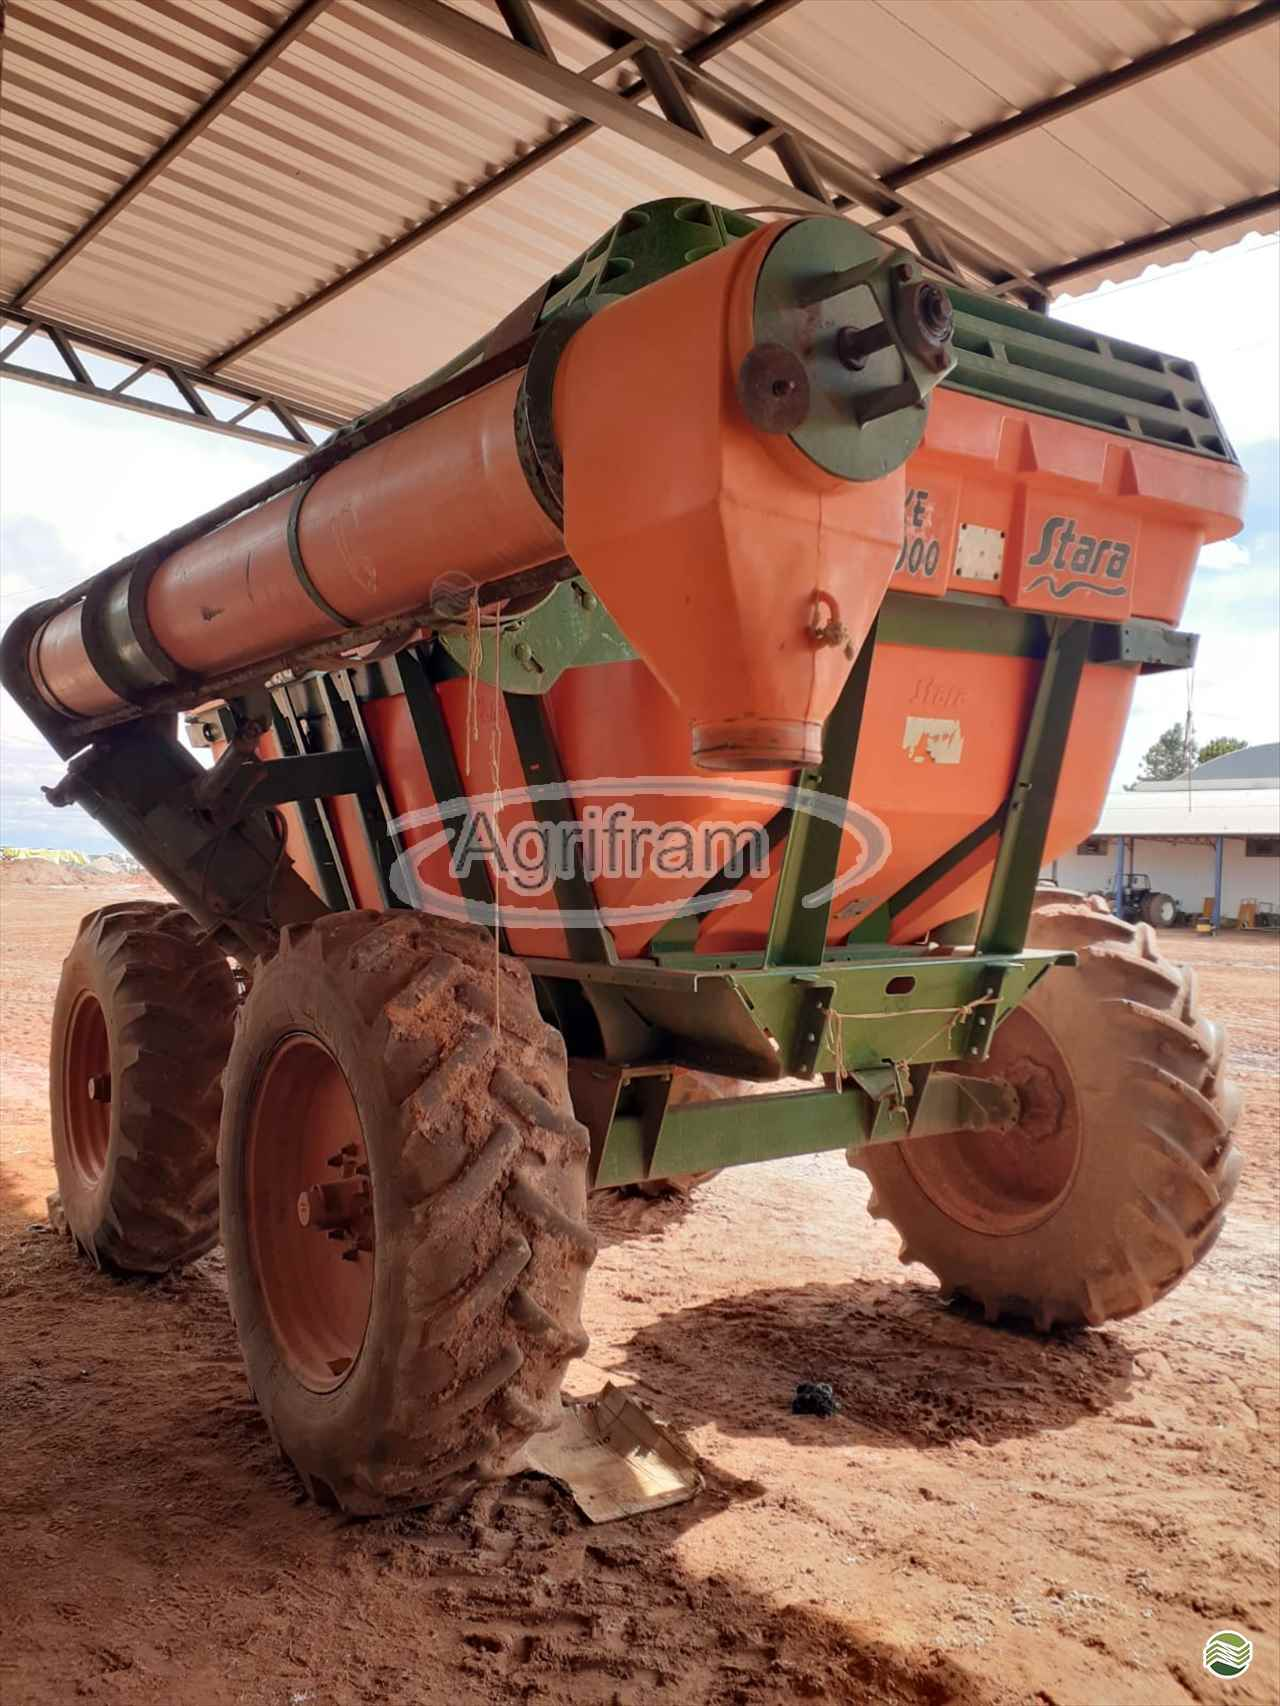 IMPLEMENTOS AGRICOLAS CARRETA BAZUKA GRANELEIRA 14000 Agrifram Máquinas e Soluções Agrícolas LUIS EDUARDO MAGALHAES BAHIA BA